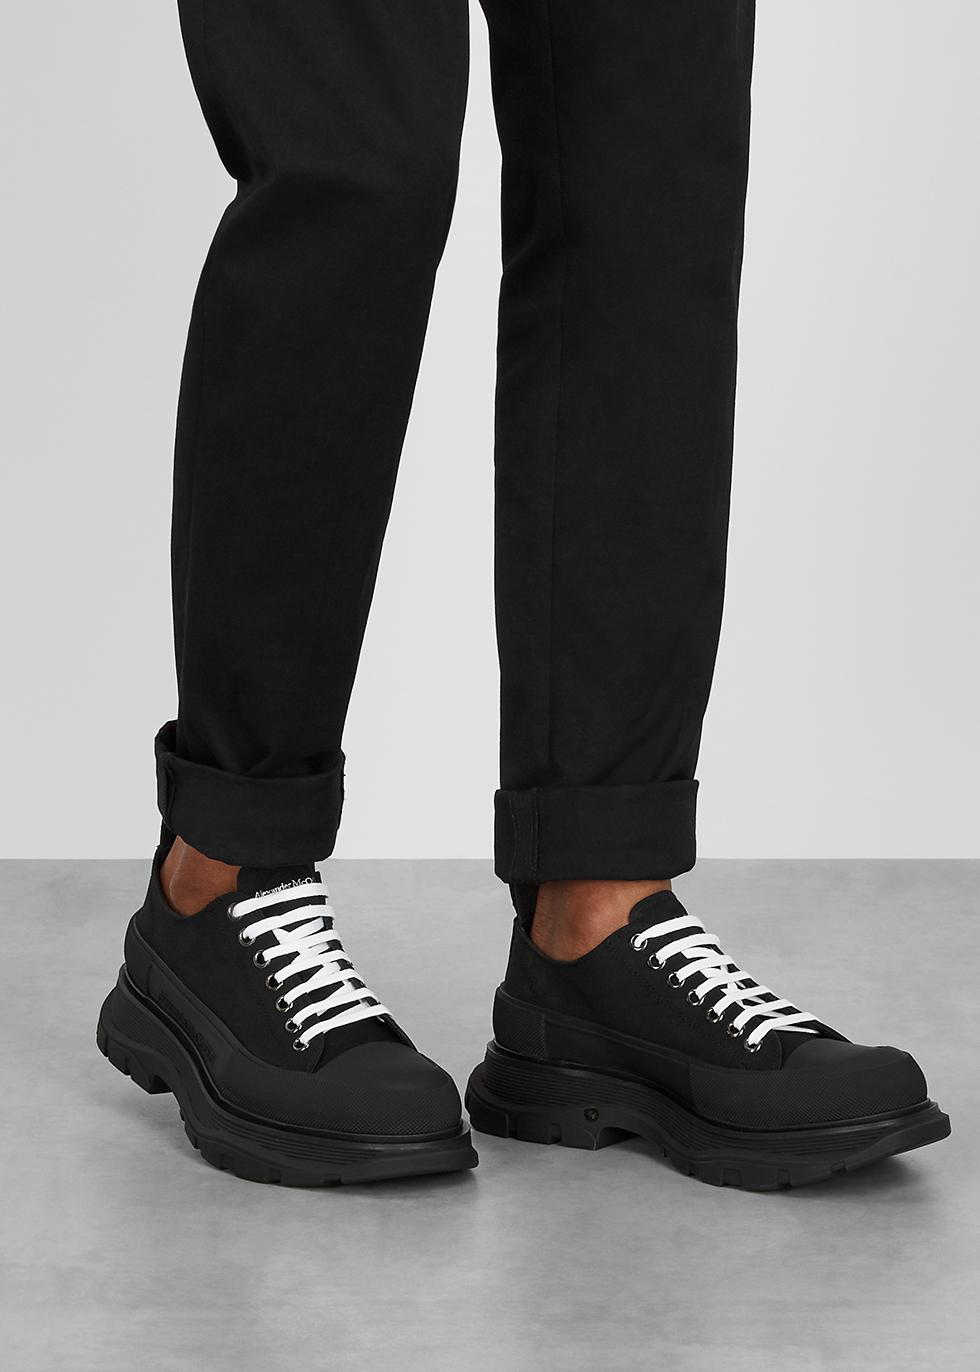 black mcqueens